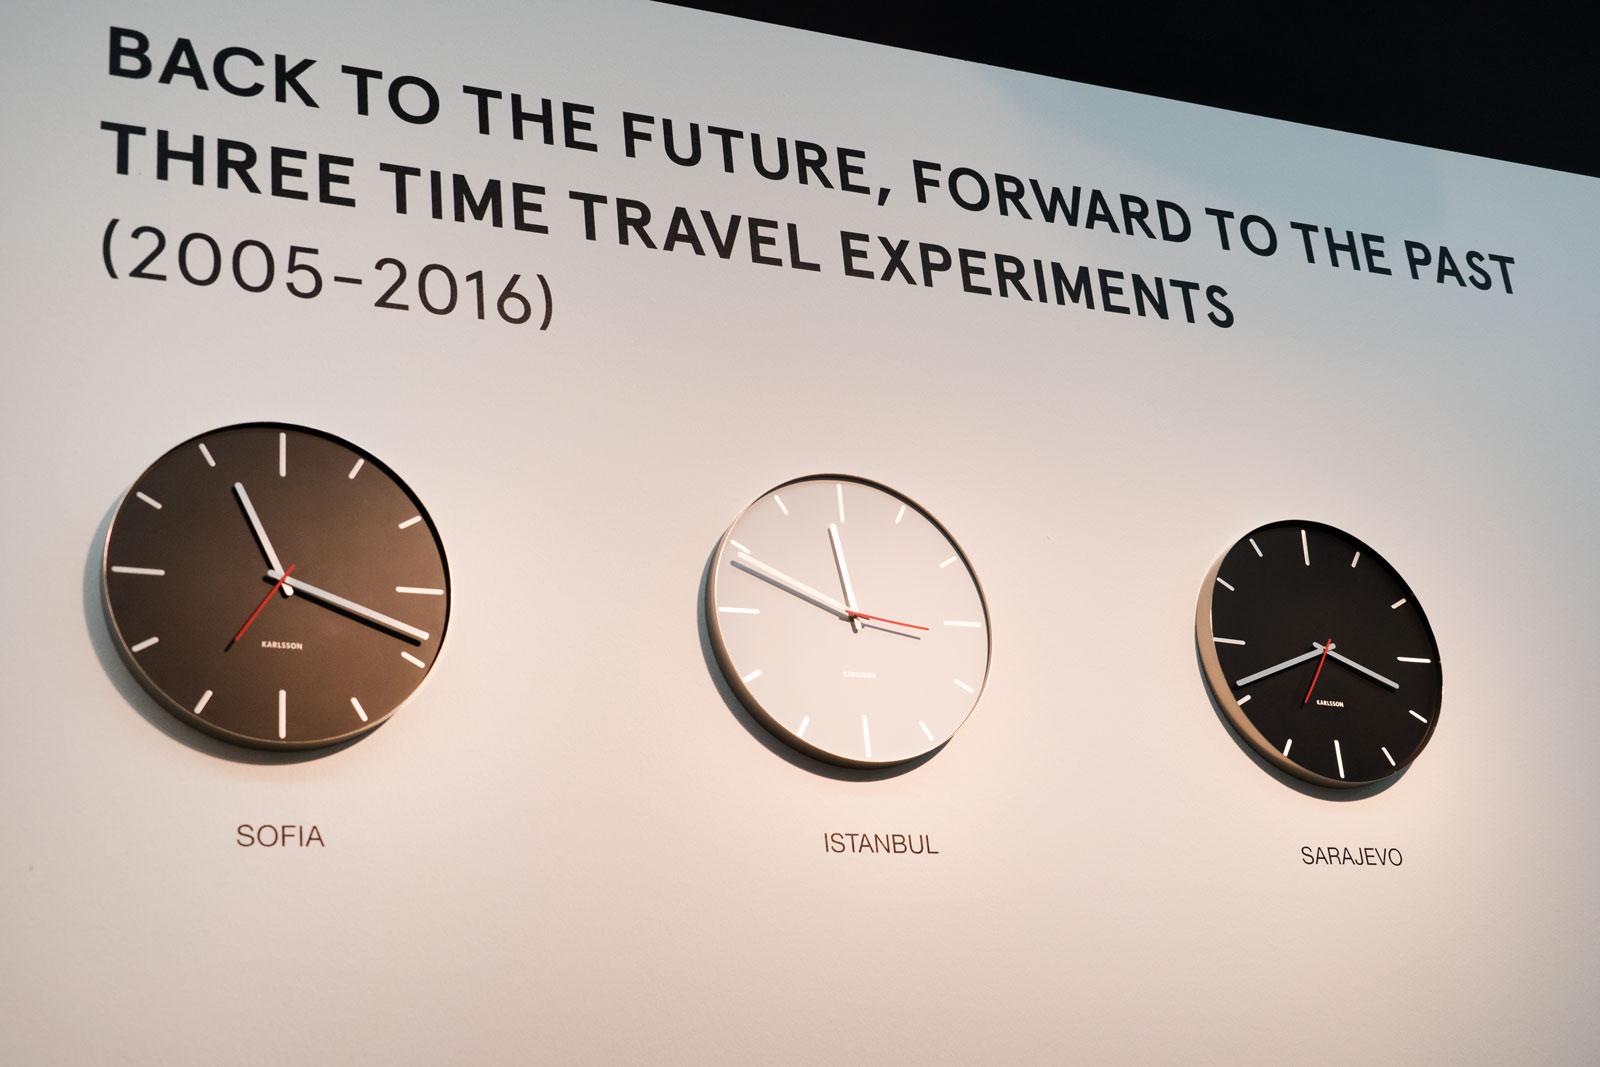 SOFIA ISTANBUL SARAJEVO, 3 manipulated clocks, 2016